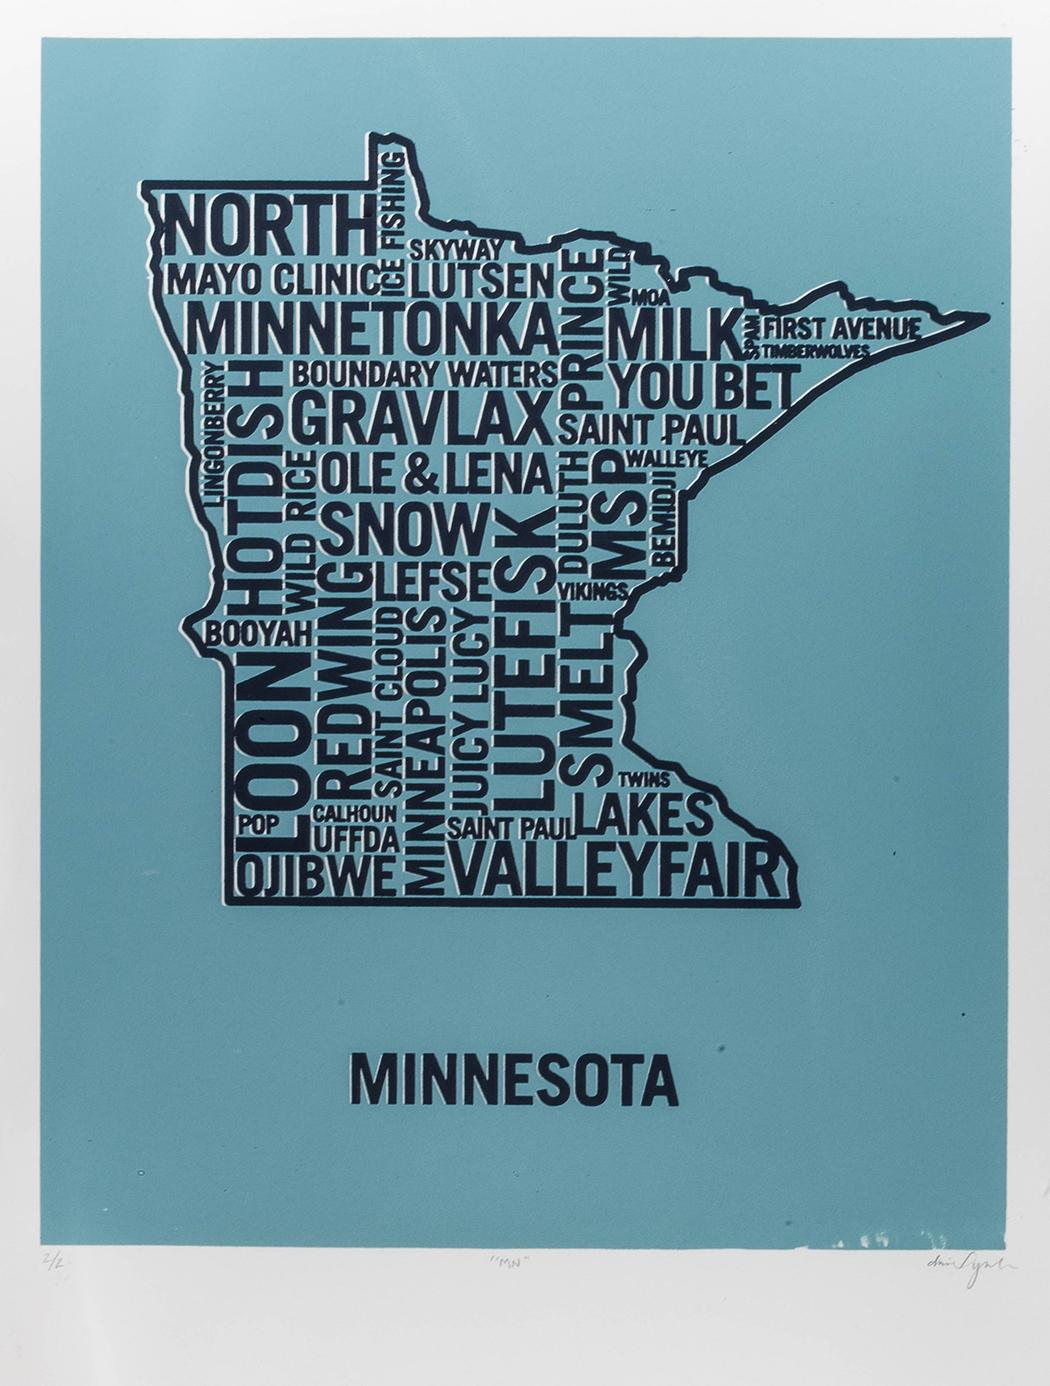 Minnesota Blue Dan Yaker Screen Print.jpg